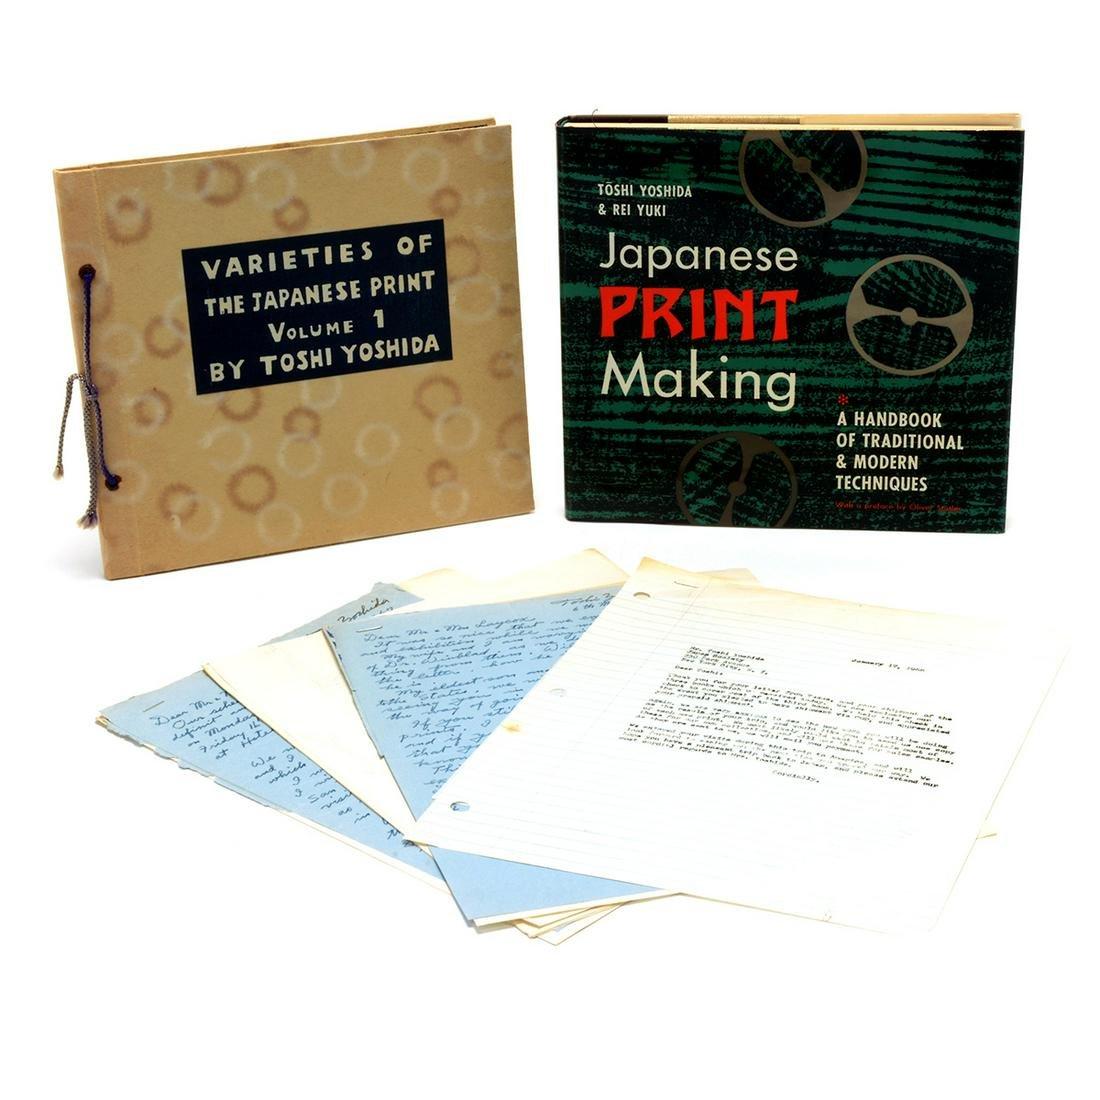 Toshi Yoshida 2 books with with ephemera